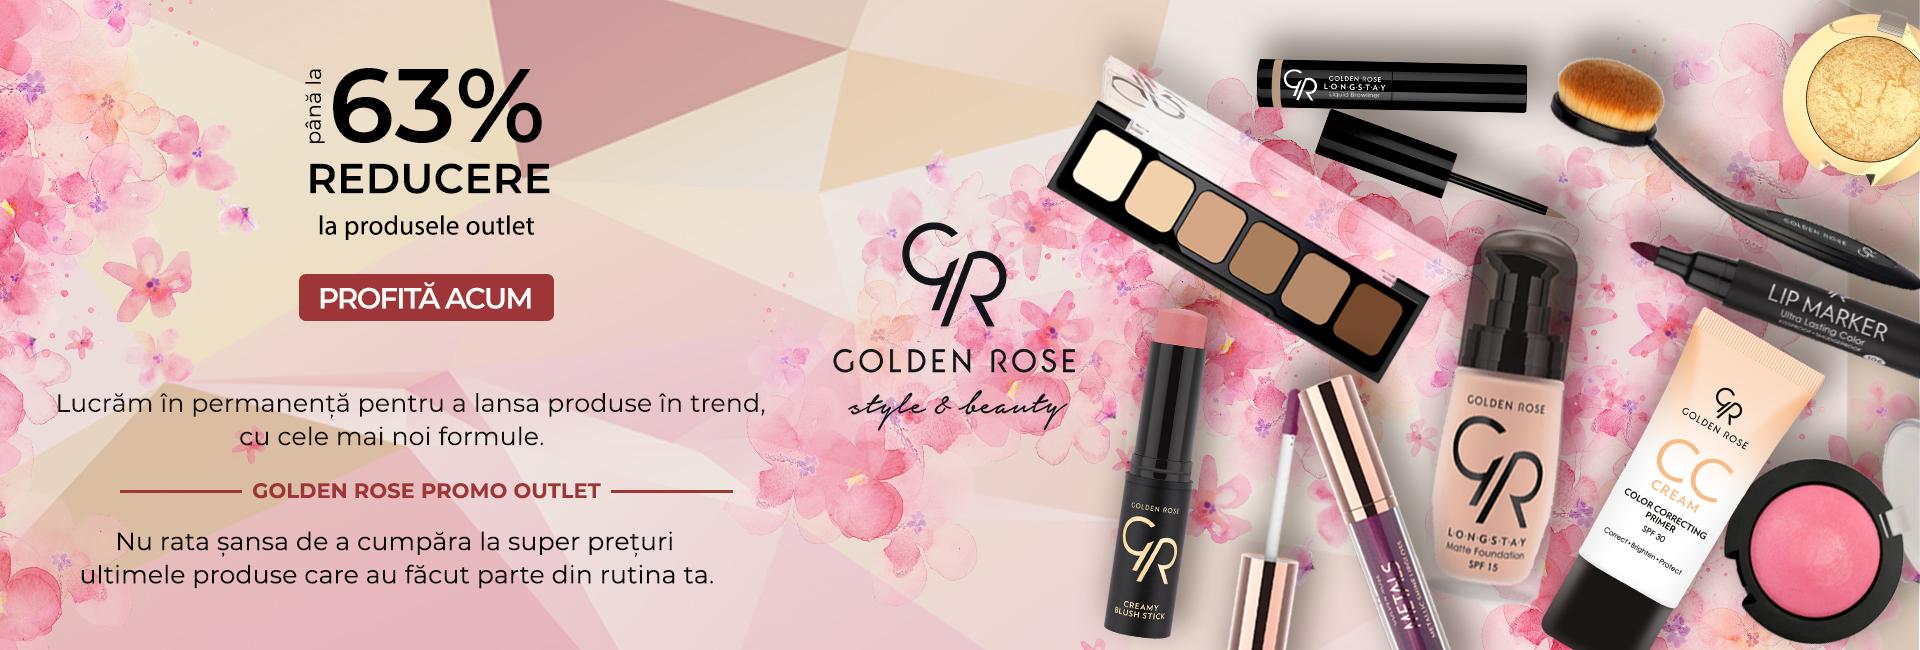 GOLDEN ROSE OUTLET -63%